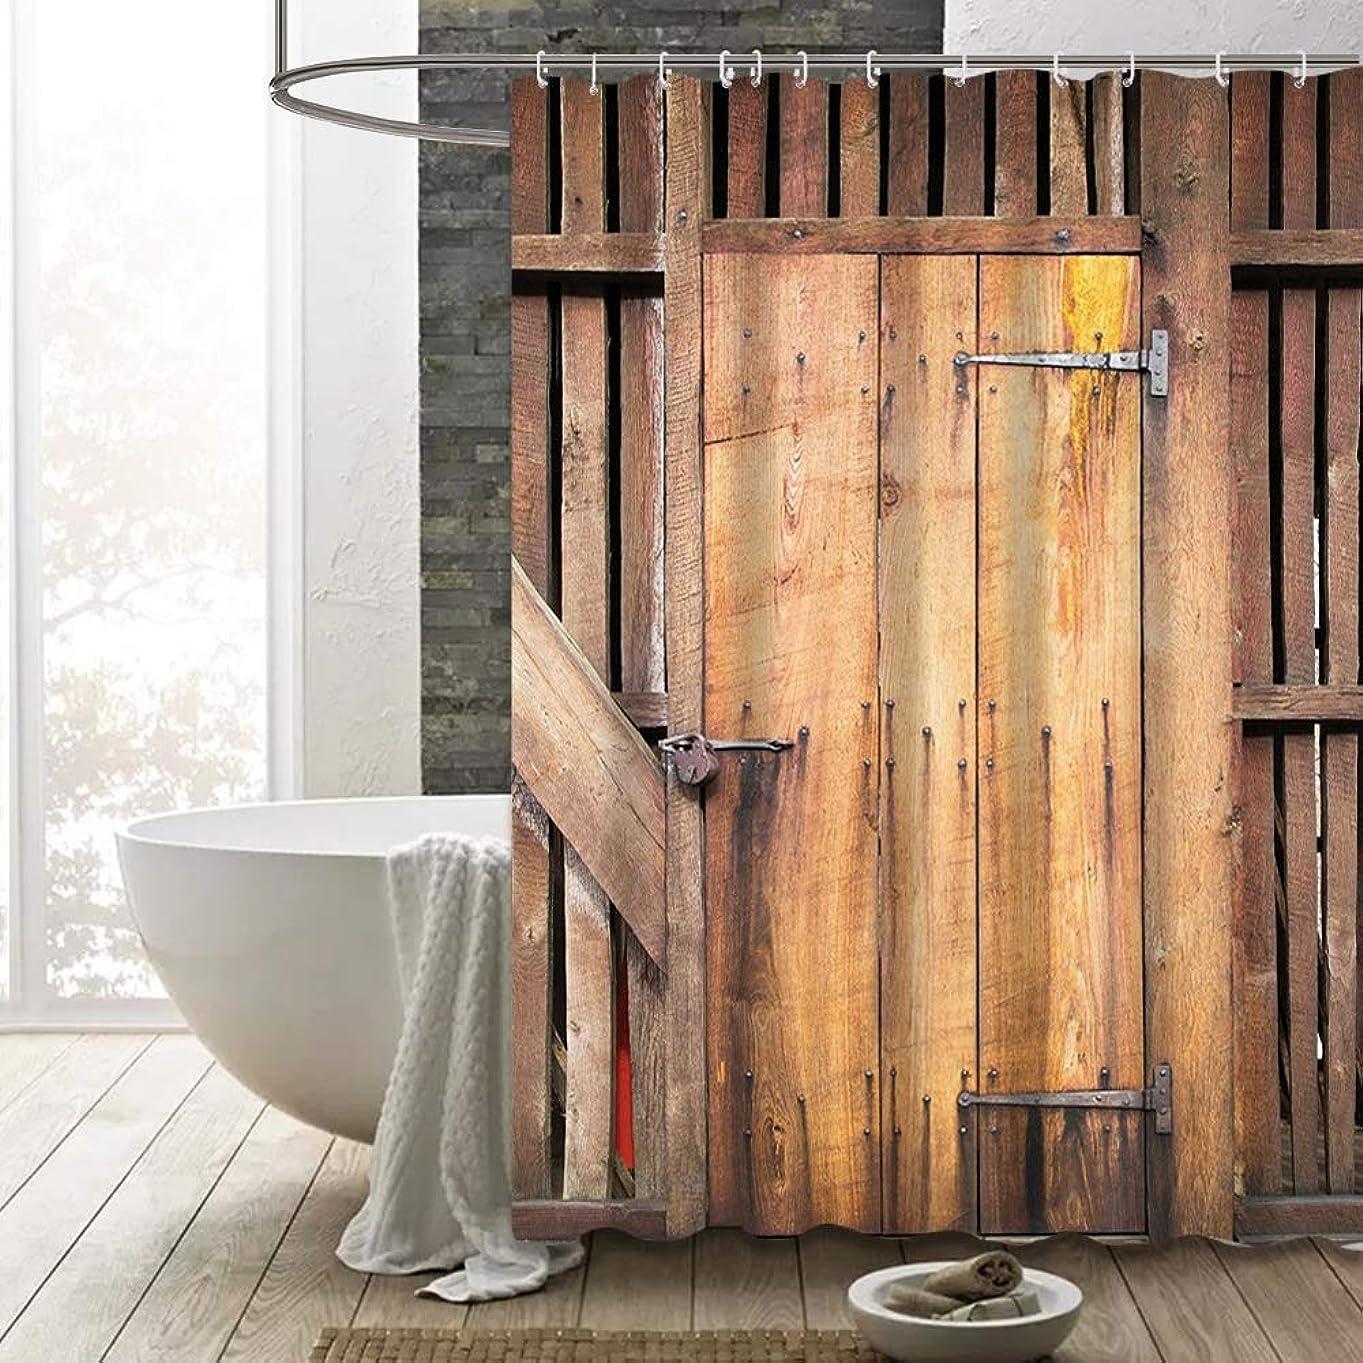 ハドル石油パン屋納屋のドアシャワーカーテン素朴な茶色の木製、素朴な木製のドアの農家の田舎の村の古い納屋のフックと農村生活のイメージ